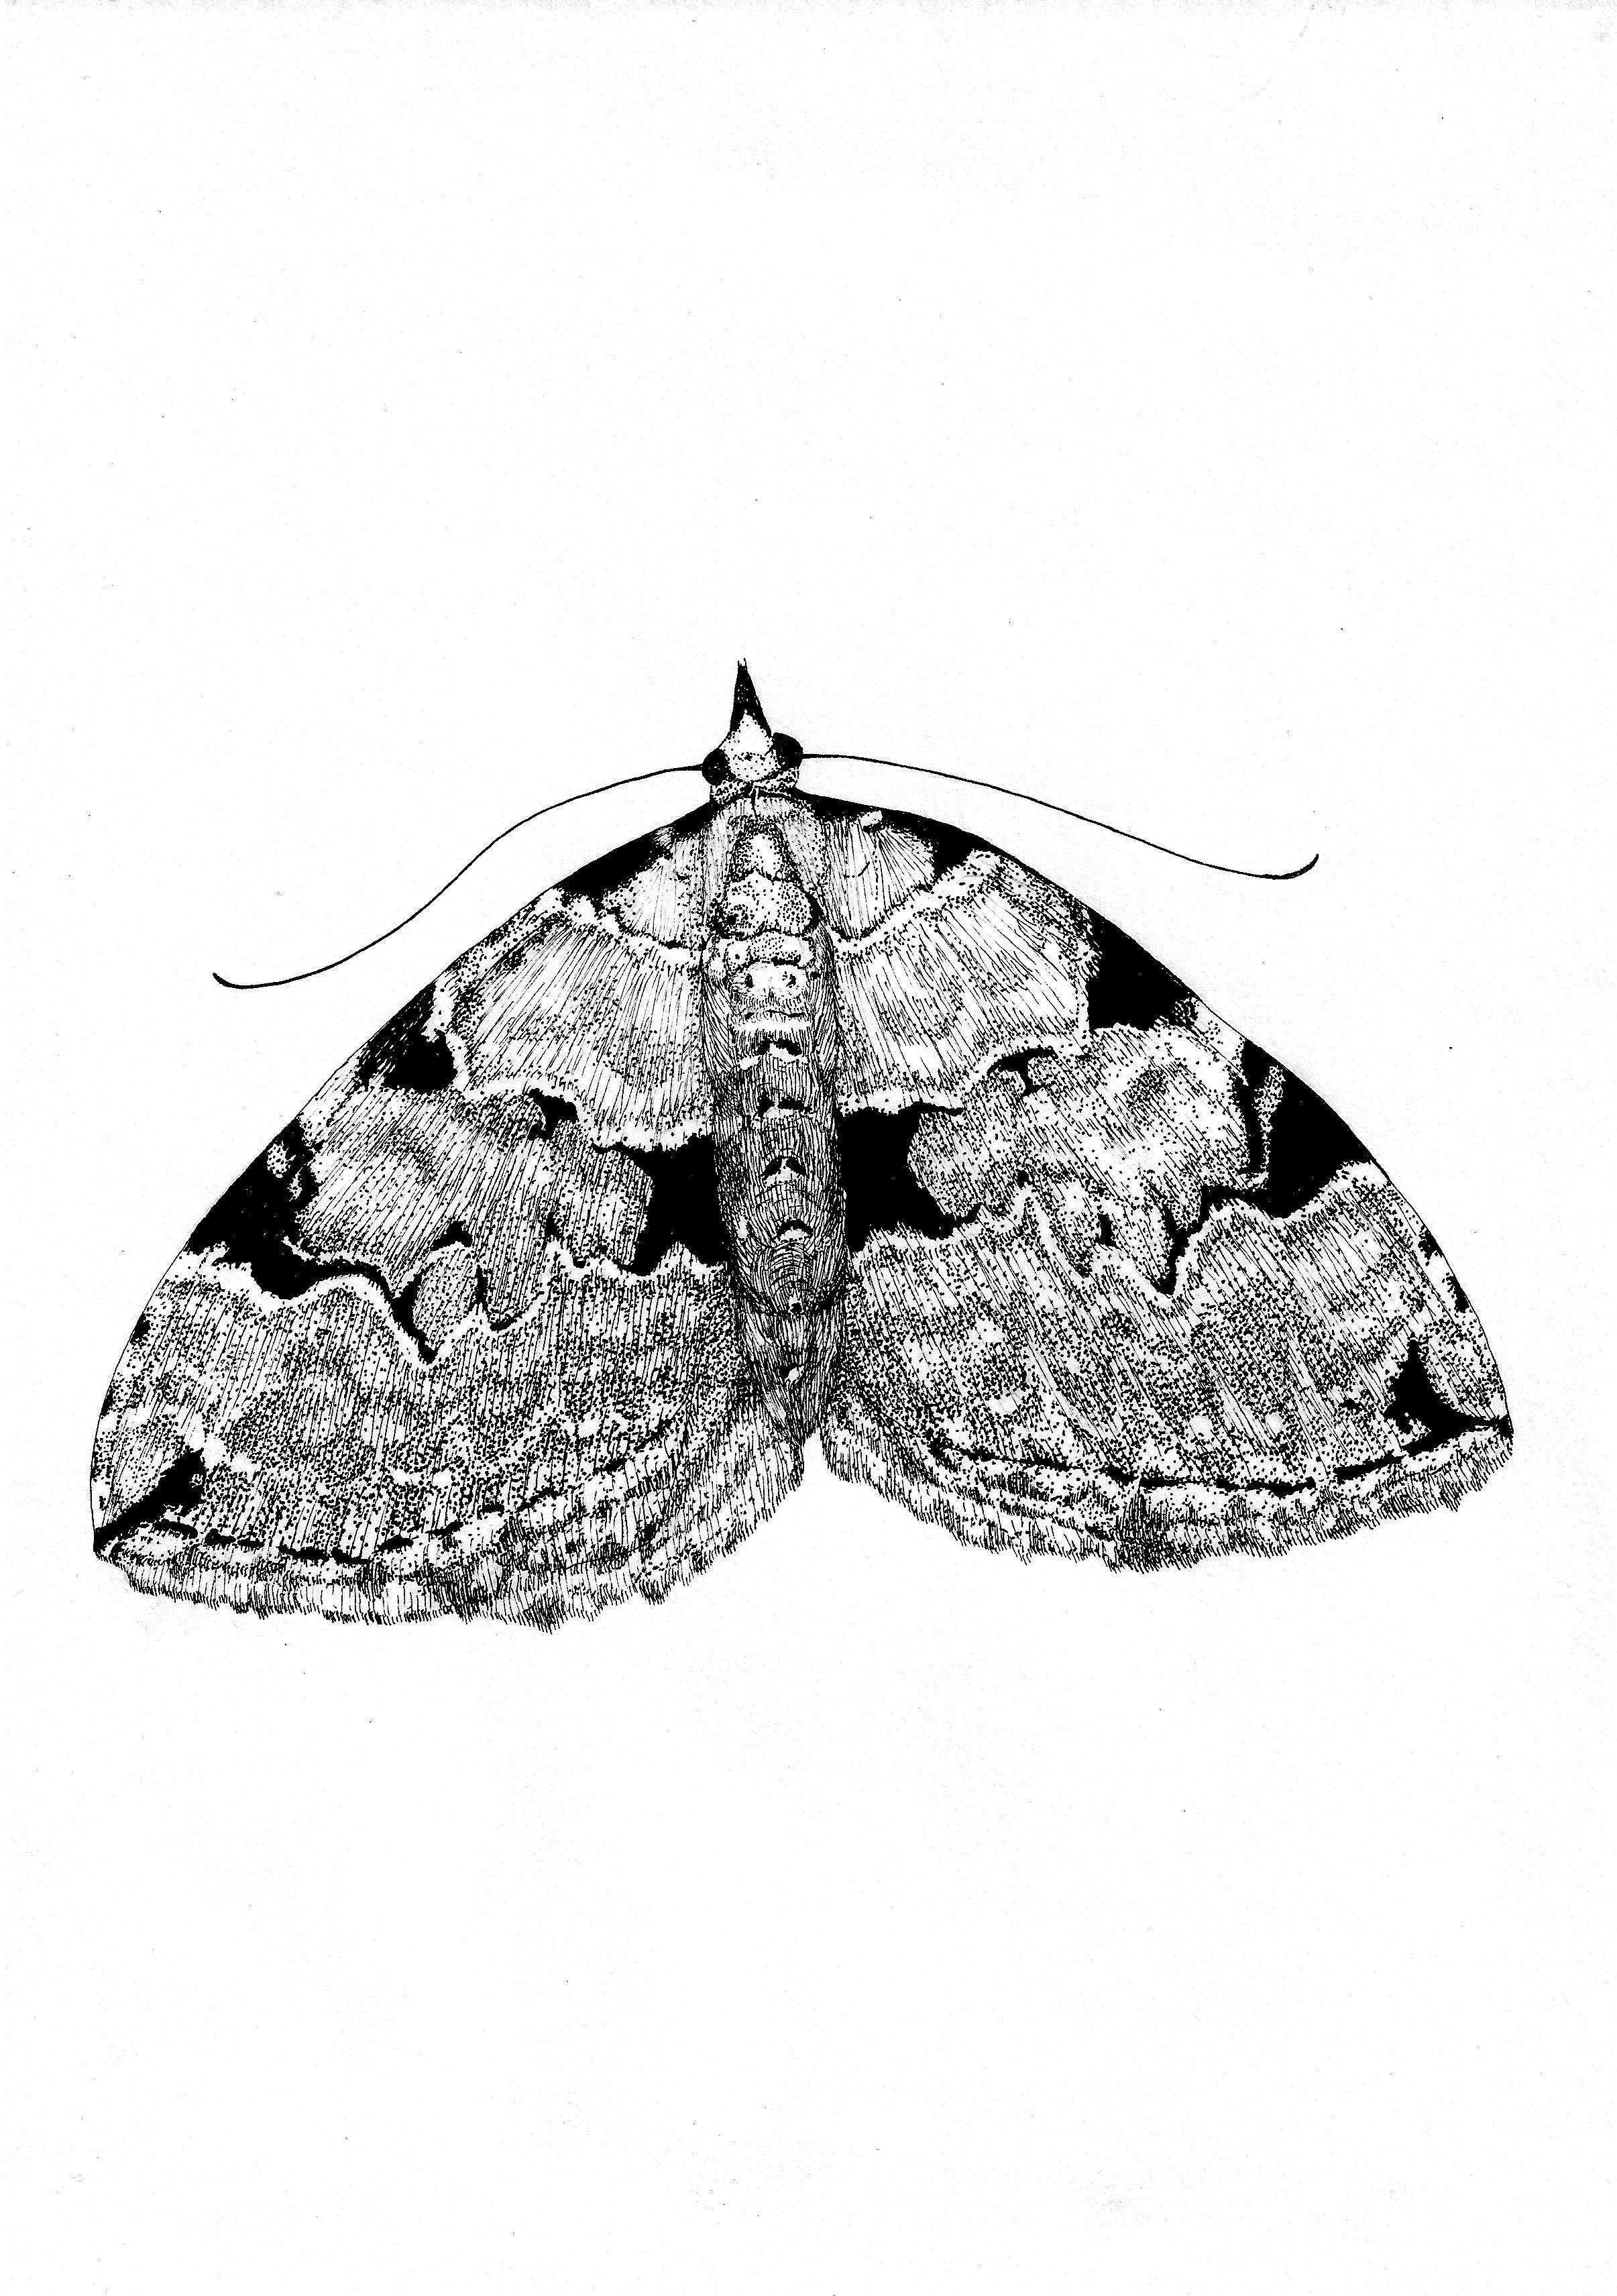 Moth Illustration Ink Drawing Pen Drawing From Etsy Tuschezeichnung Federzeichnung Motte Nachtfalter Motte Zeichnung Tuschezeichnungen Inspirierende Kunst